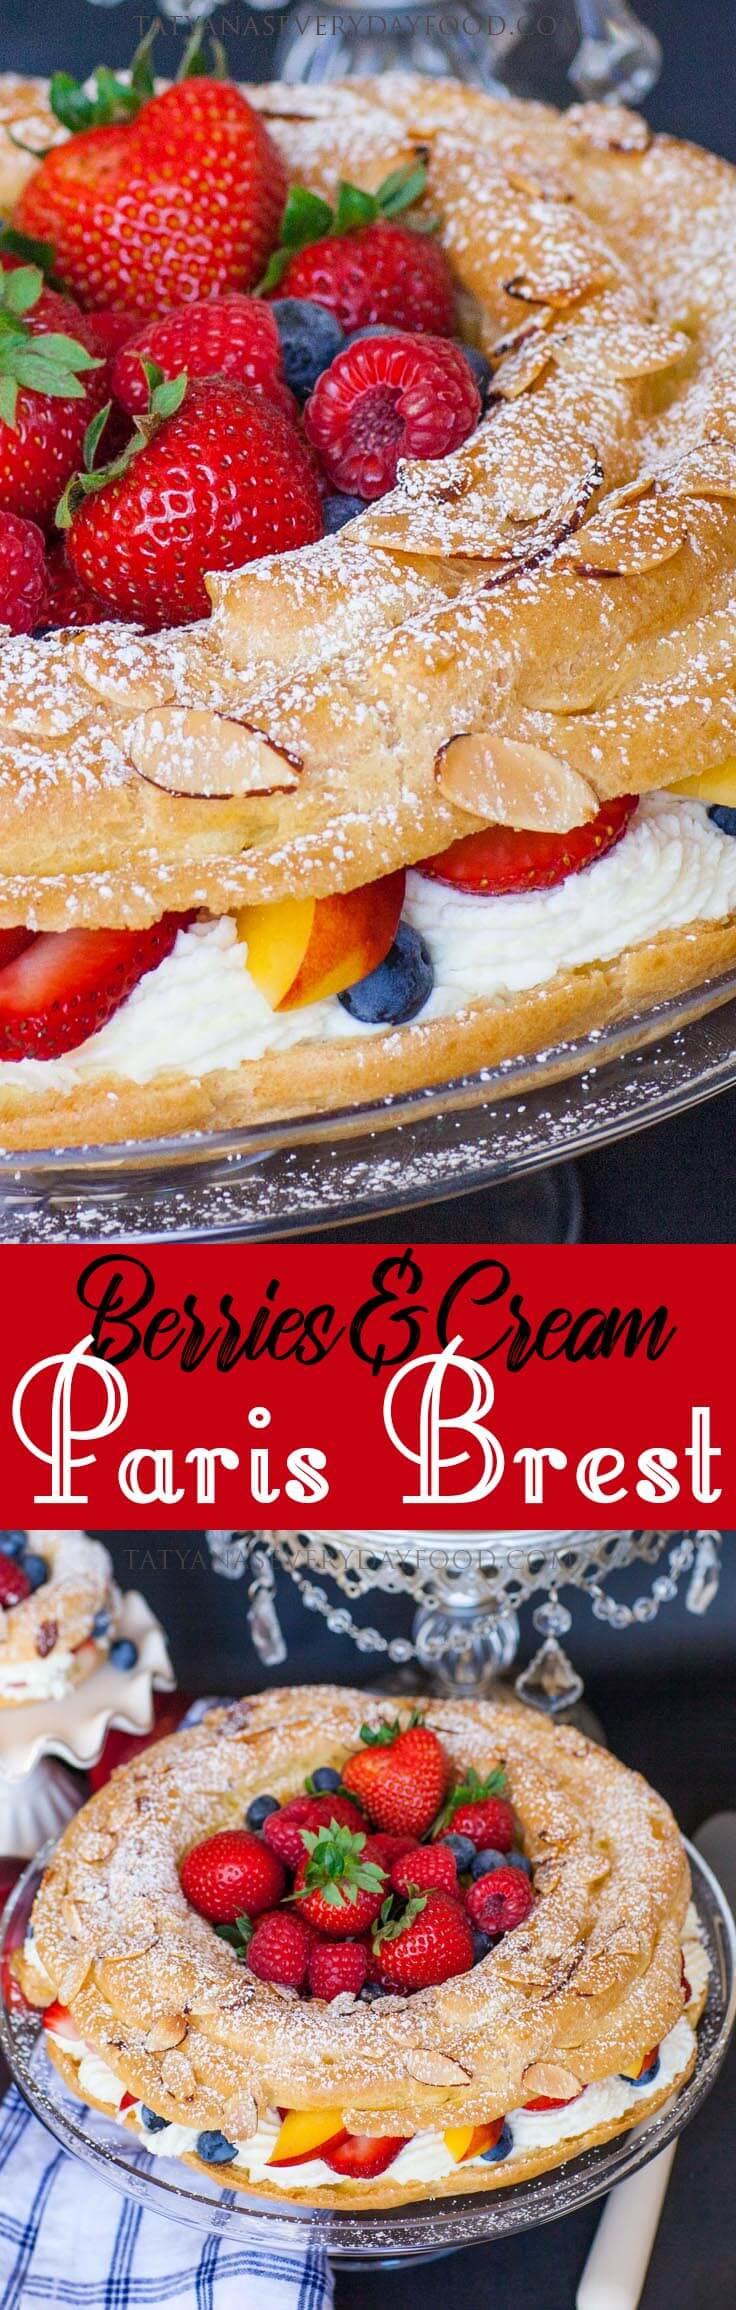 Berries & Cream Paris Brest video recipe